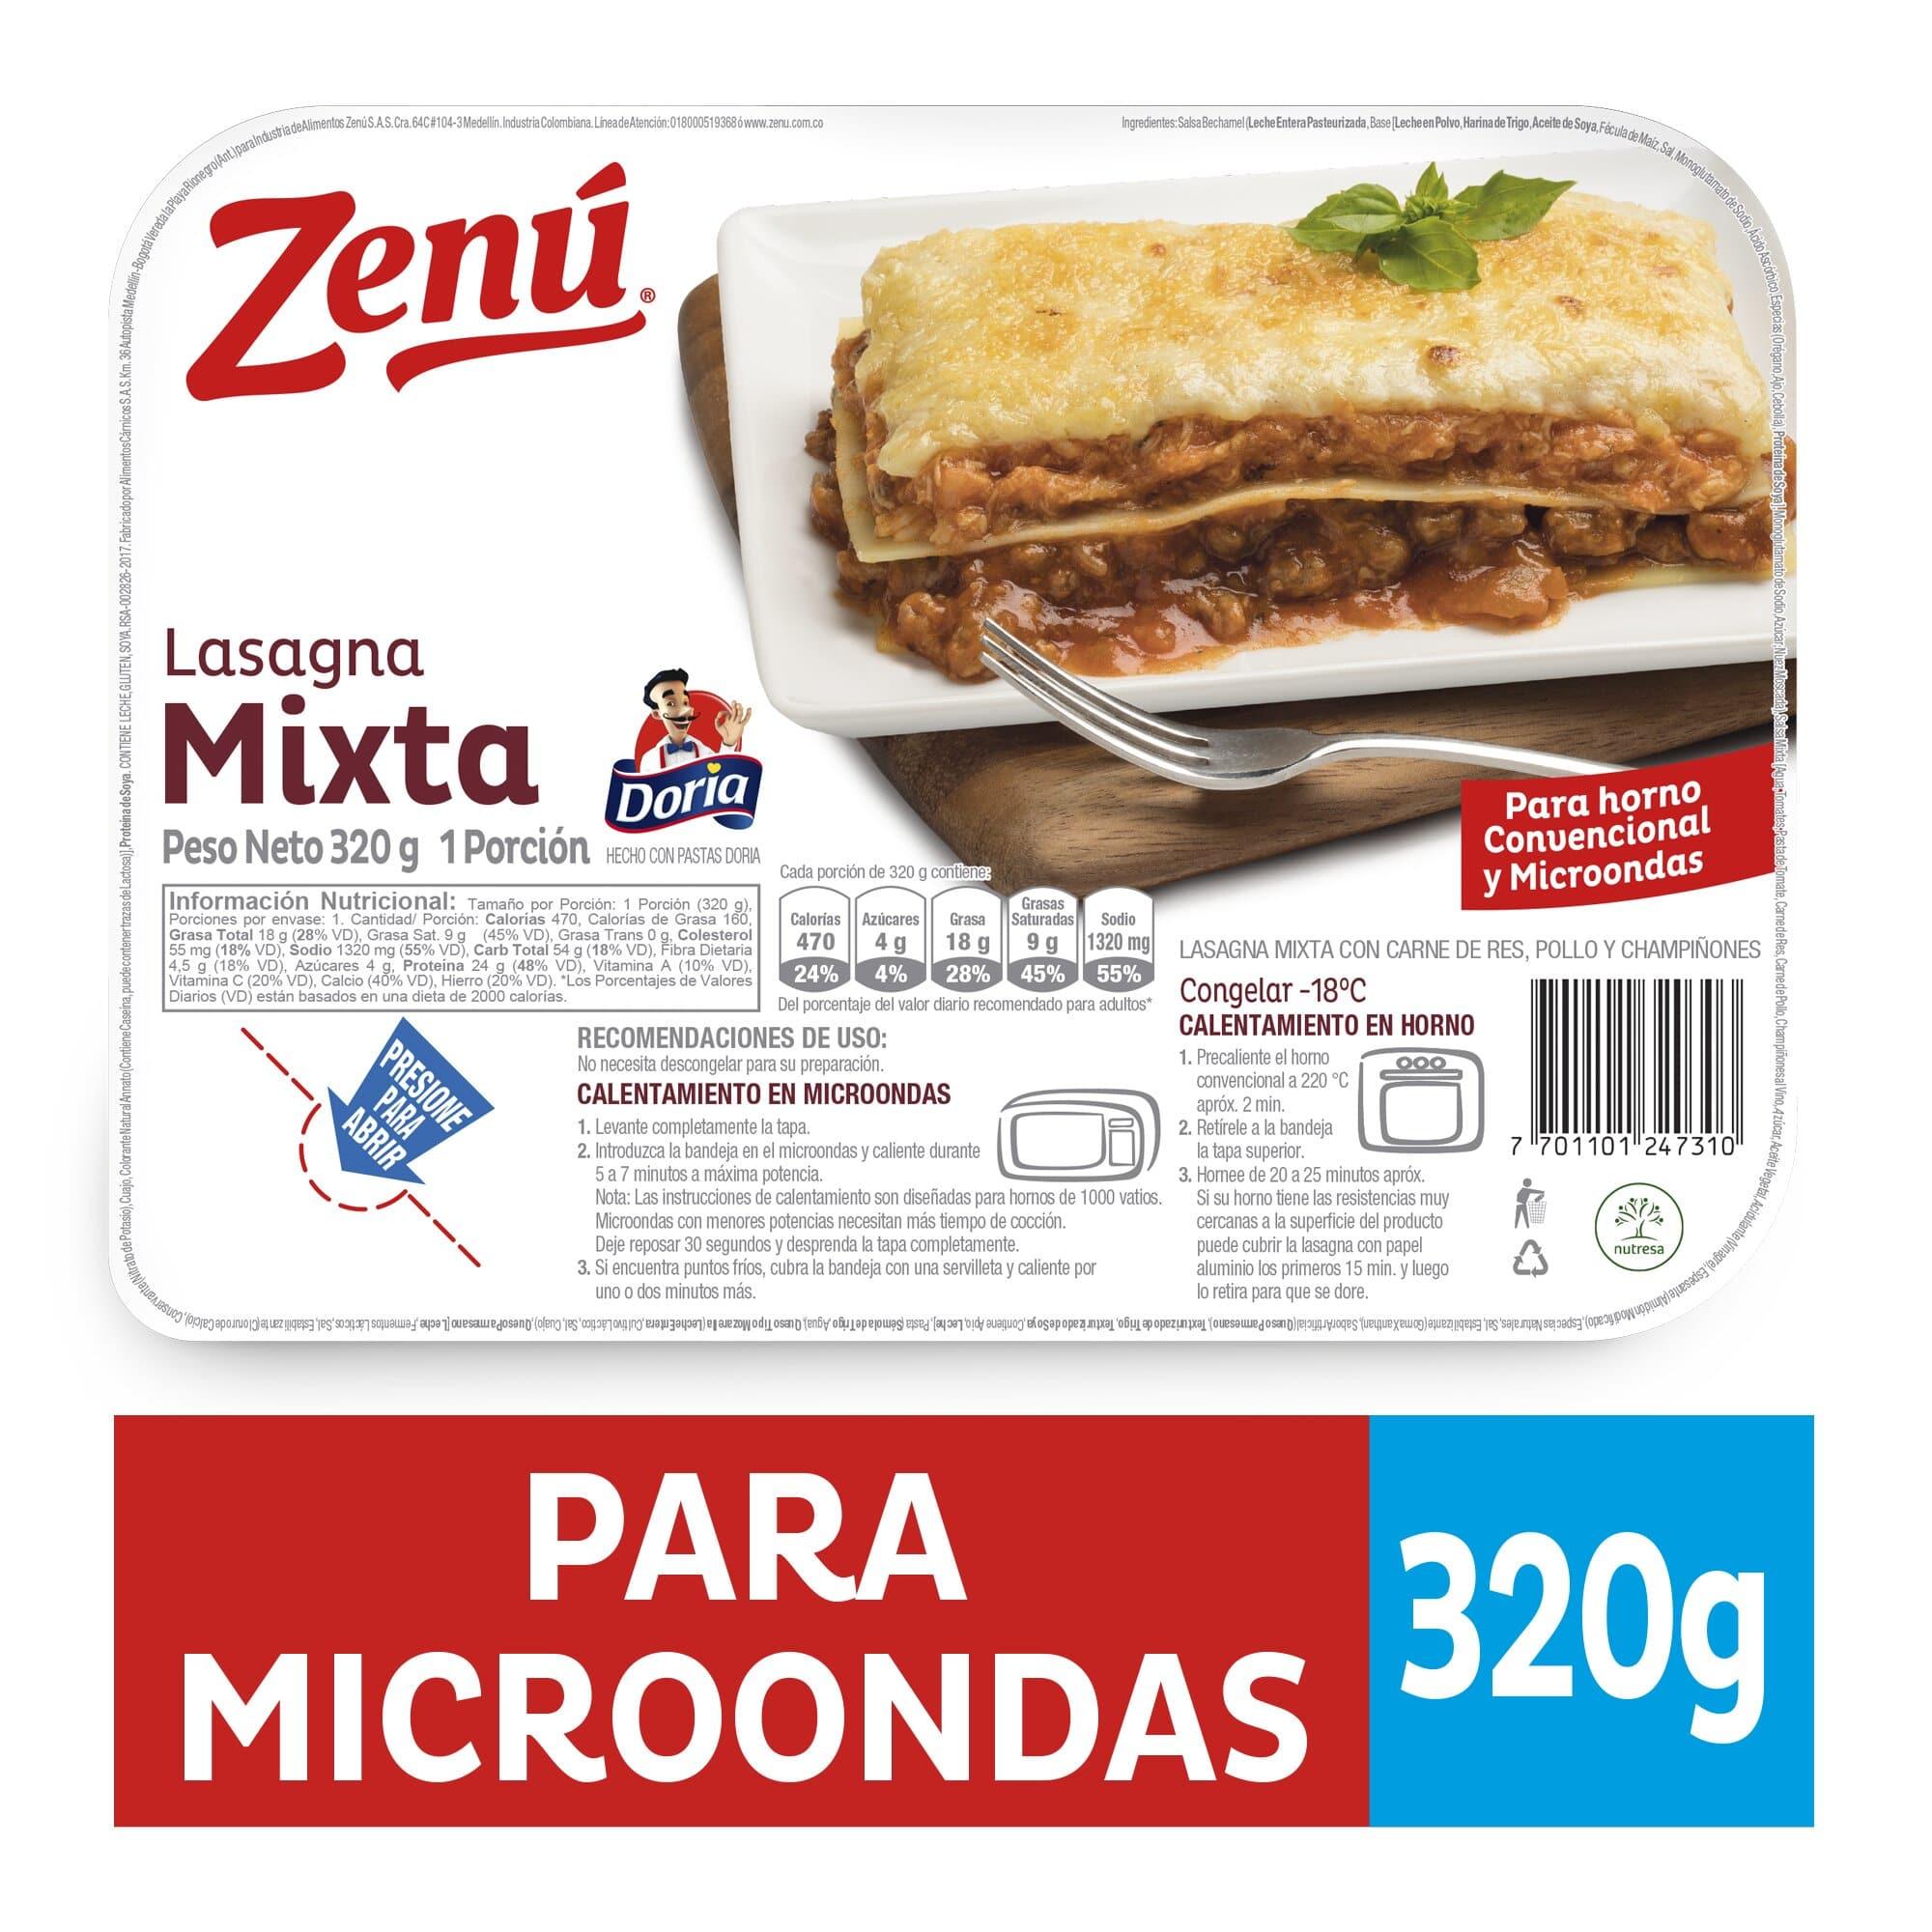 Lasagna Zenu Mixta 320g